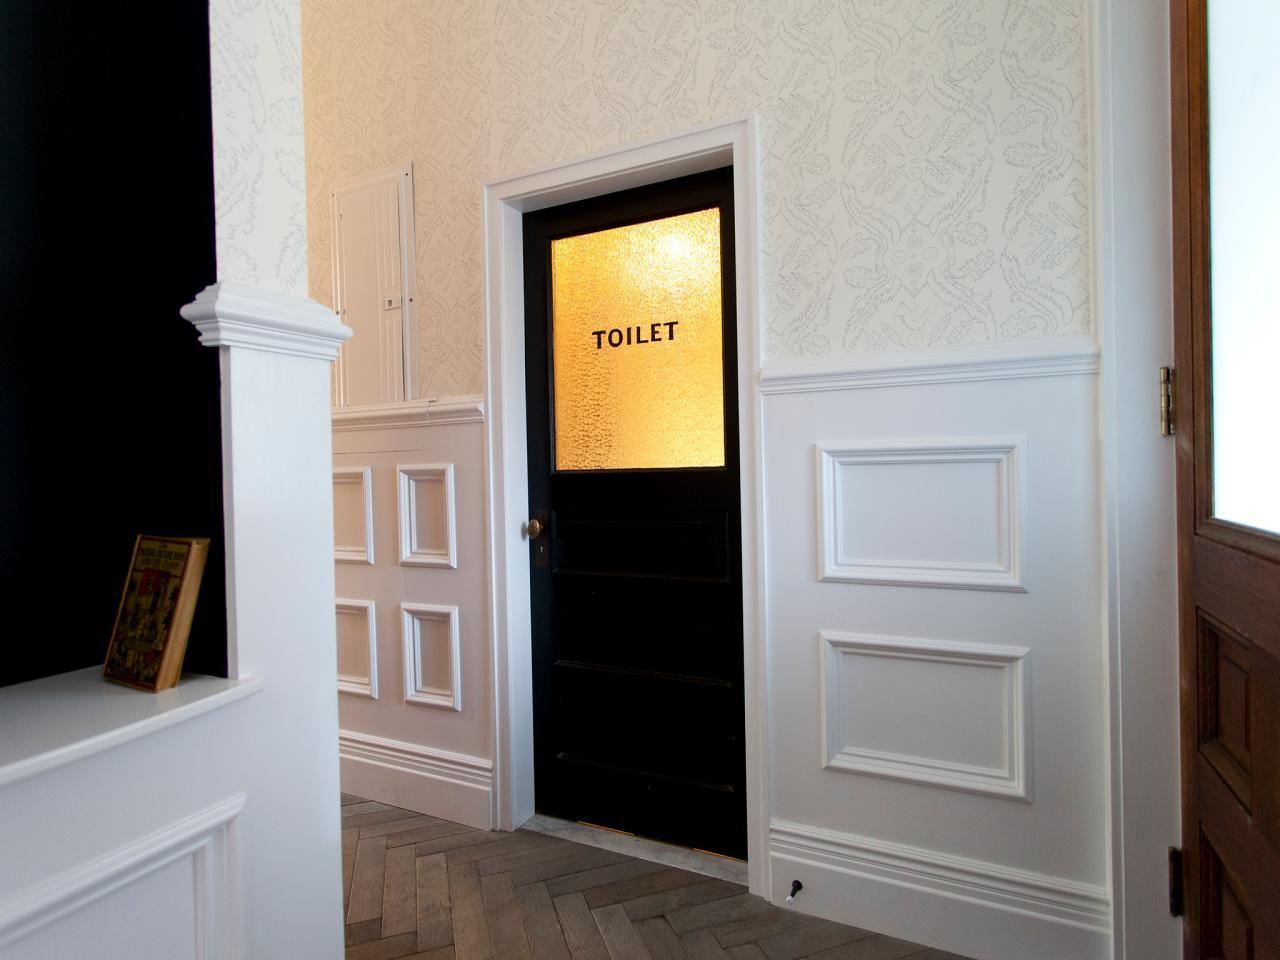 Bathroom Doors designer genevieve gorder kept the original antique bathroom door